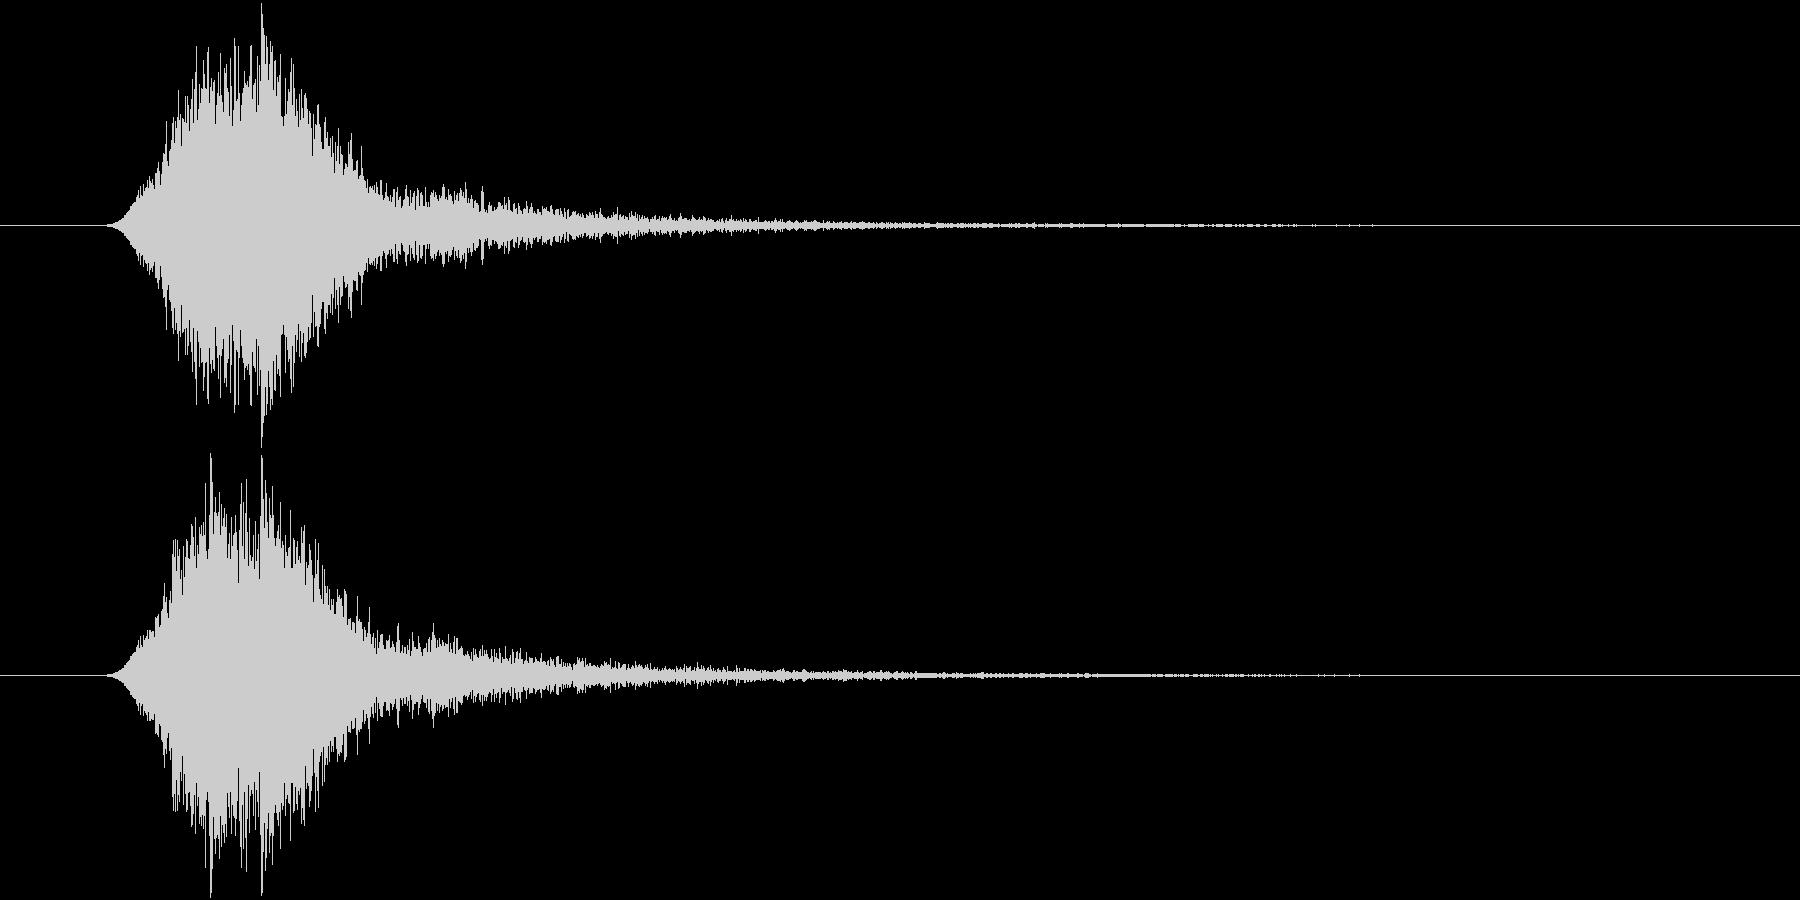 ヒュイン スピーディー 素早く過ぎ去る音の未再生の波形